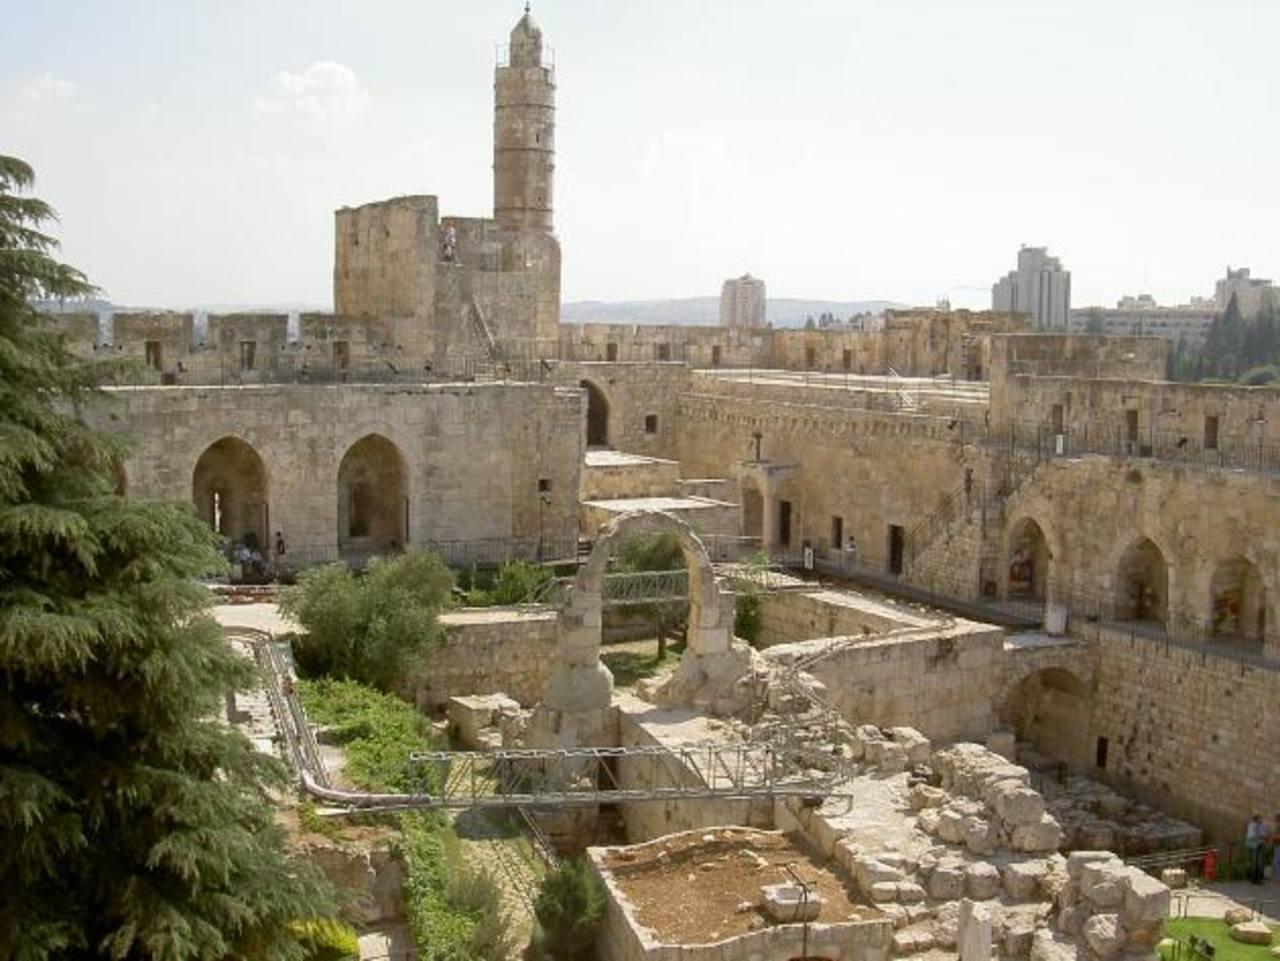 Imagen del Museo Torre de David, en la ciudad vieja de Jerusalén, en donde se realiza una ampliación.